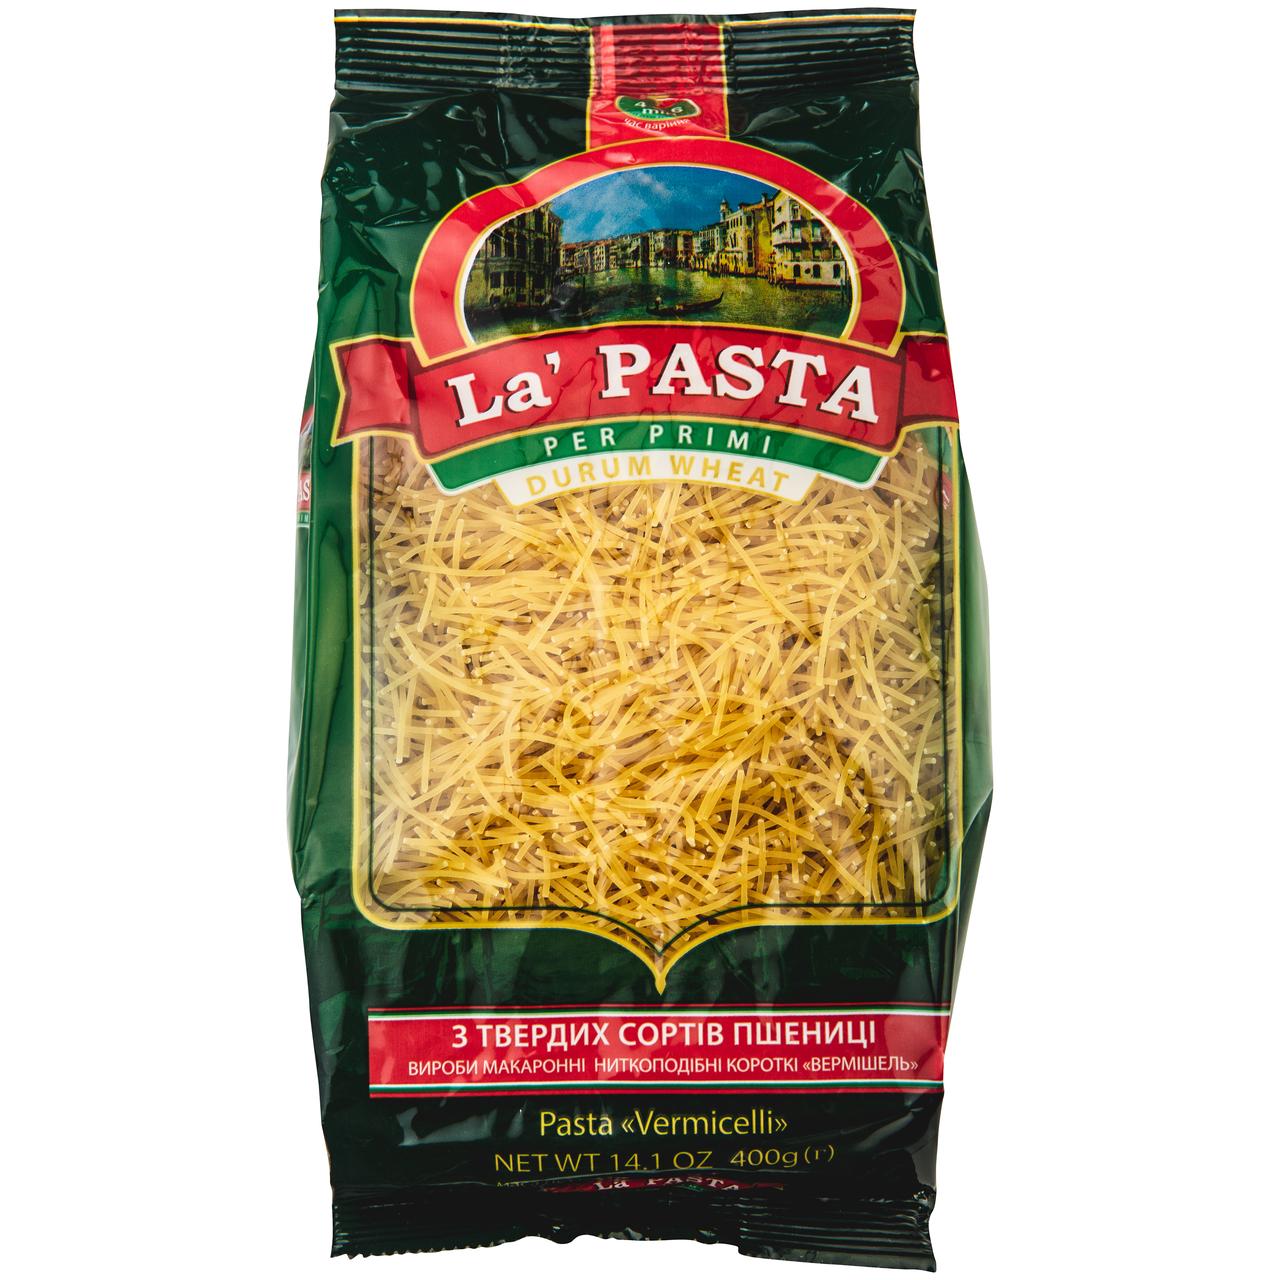 Макарони La Pasta вермішель ниткоподібні 400г